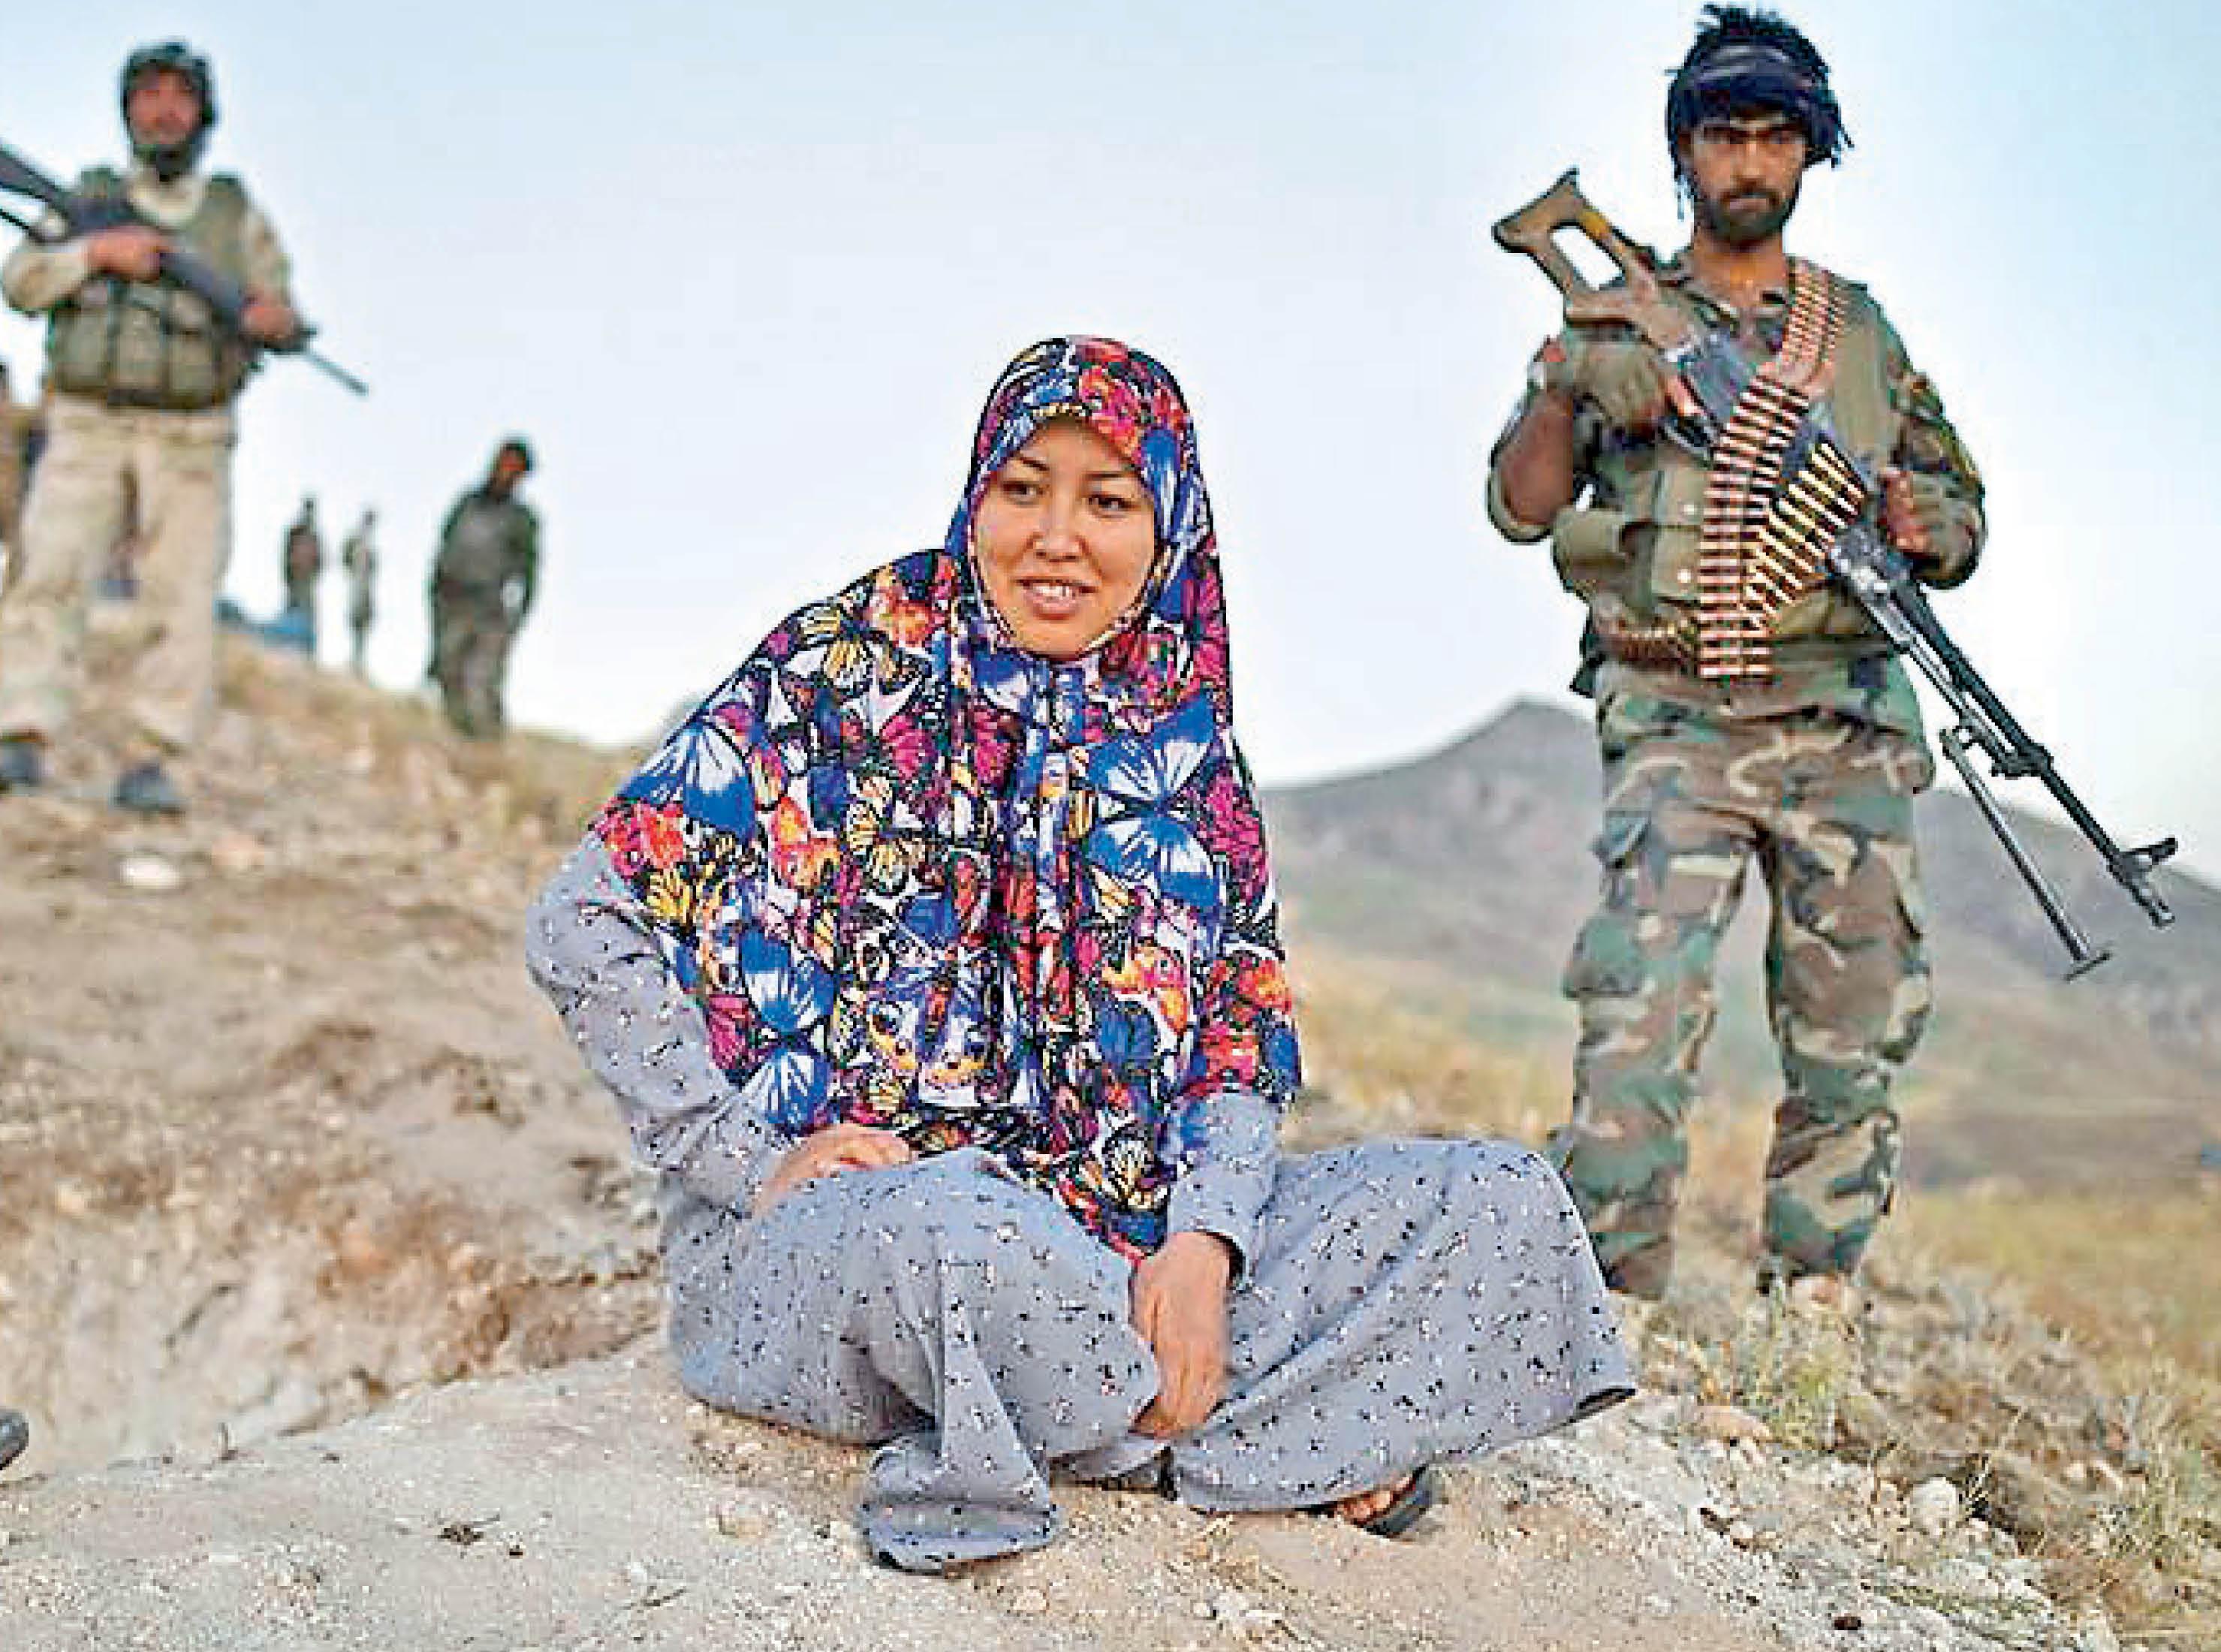 तालिबान ने जेल तोड़ 700 लड़ाकों को छुड़ाया, शरिया कानून लागू; संघर्ष के दो महीने में लोगों की जिंदगी बदतर हुई विदेश,International - Dainik Bhaskar